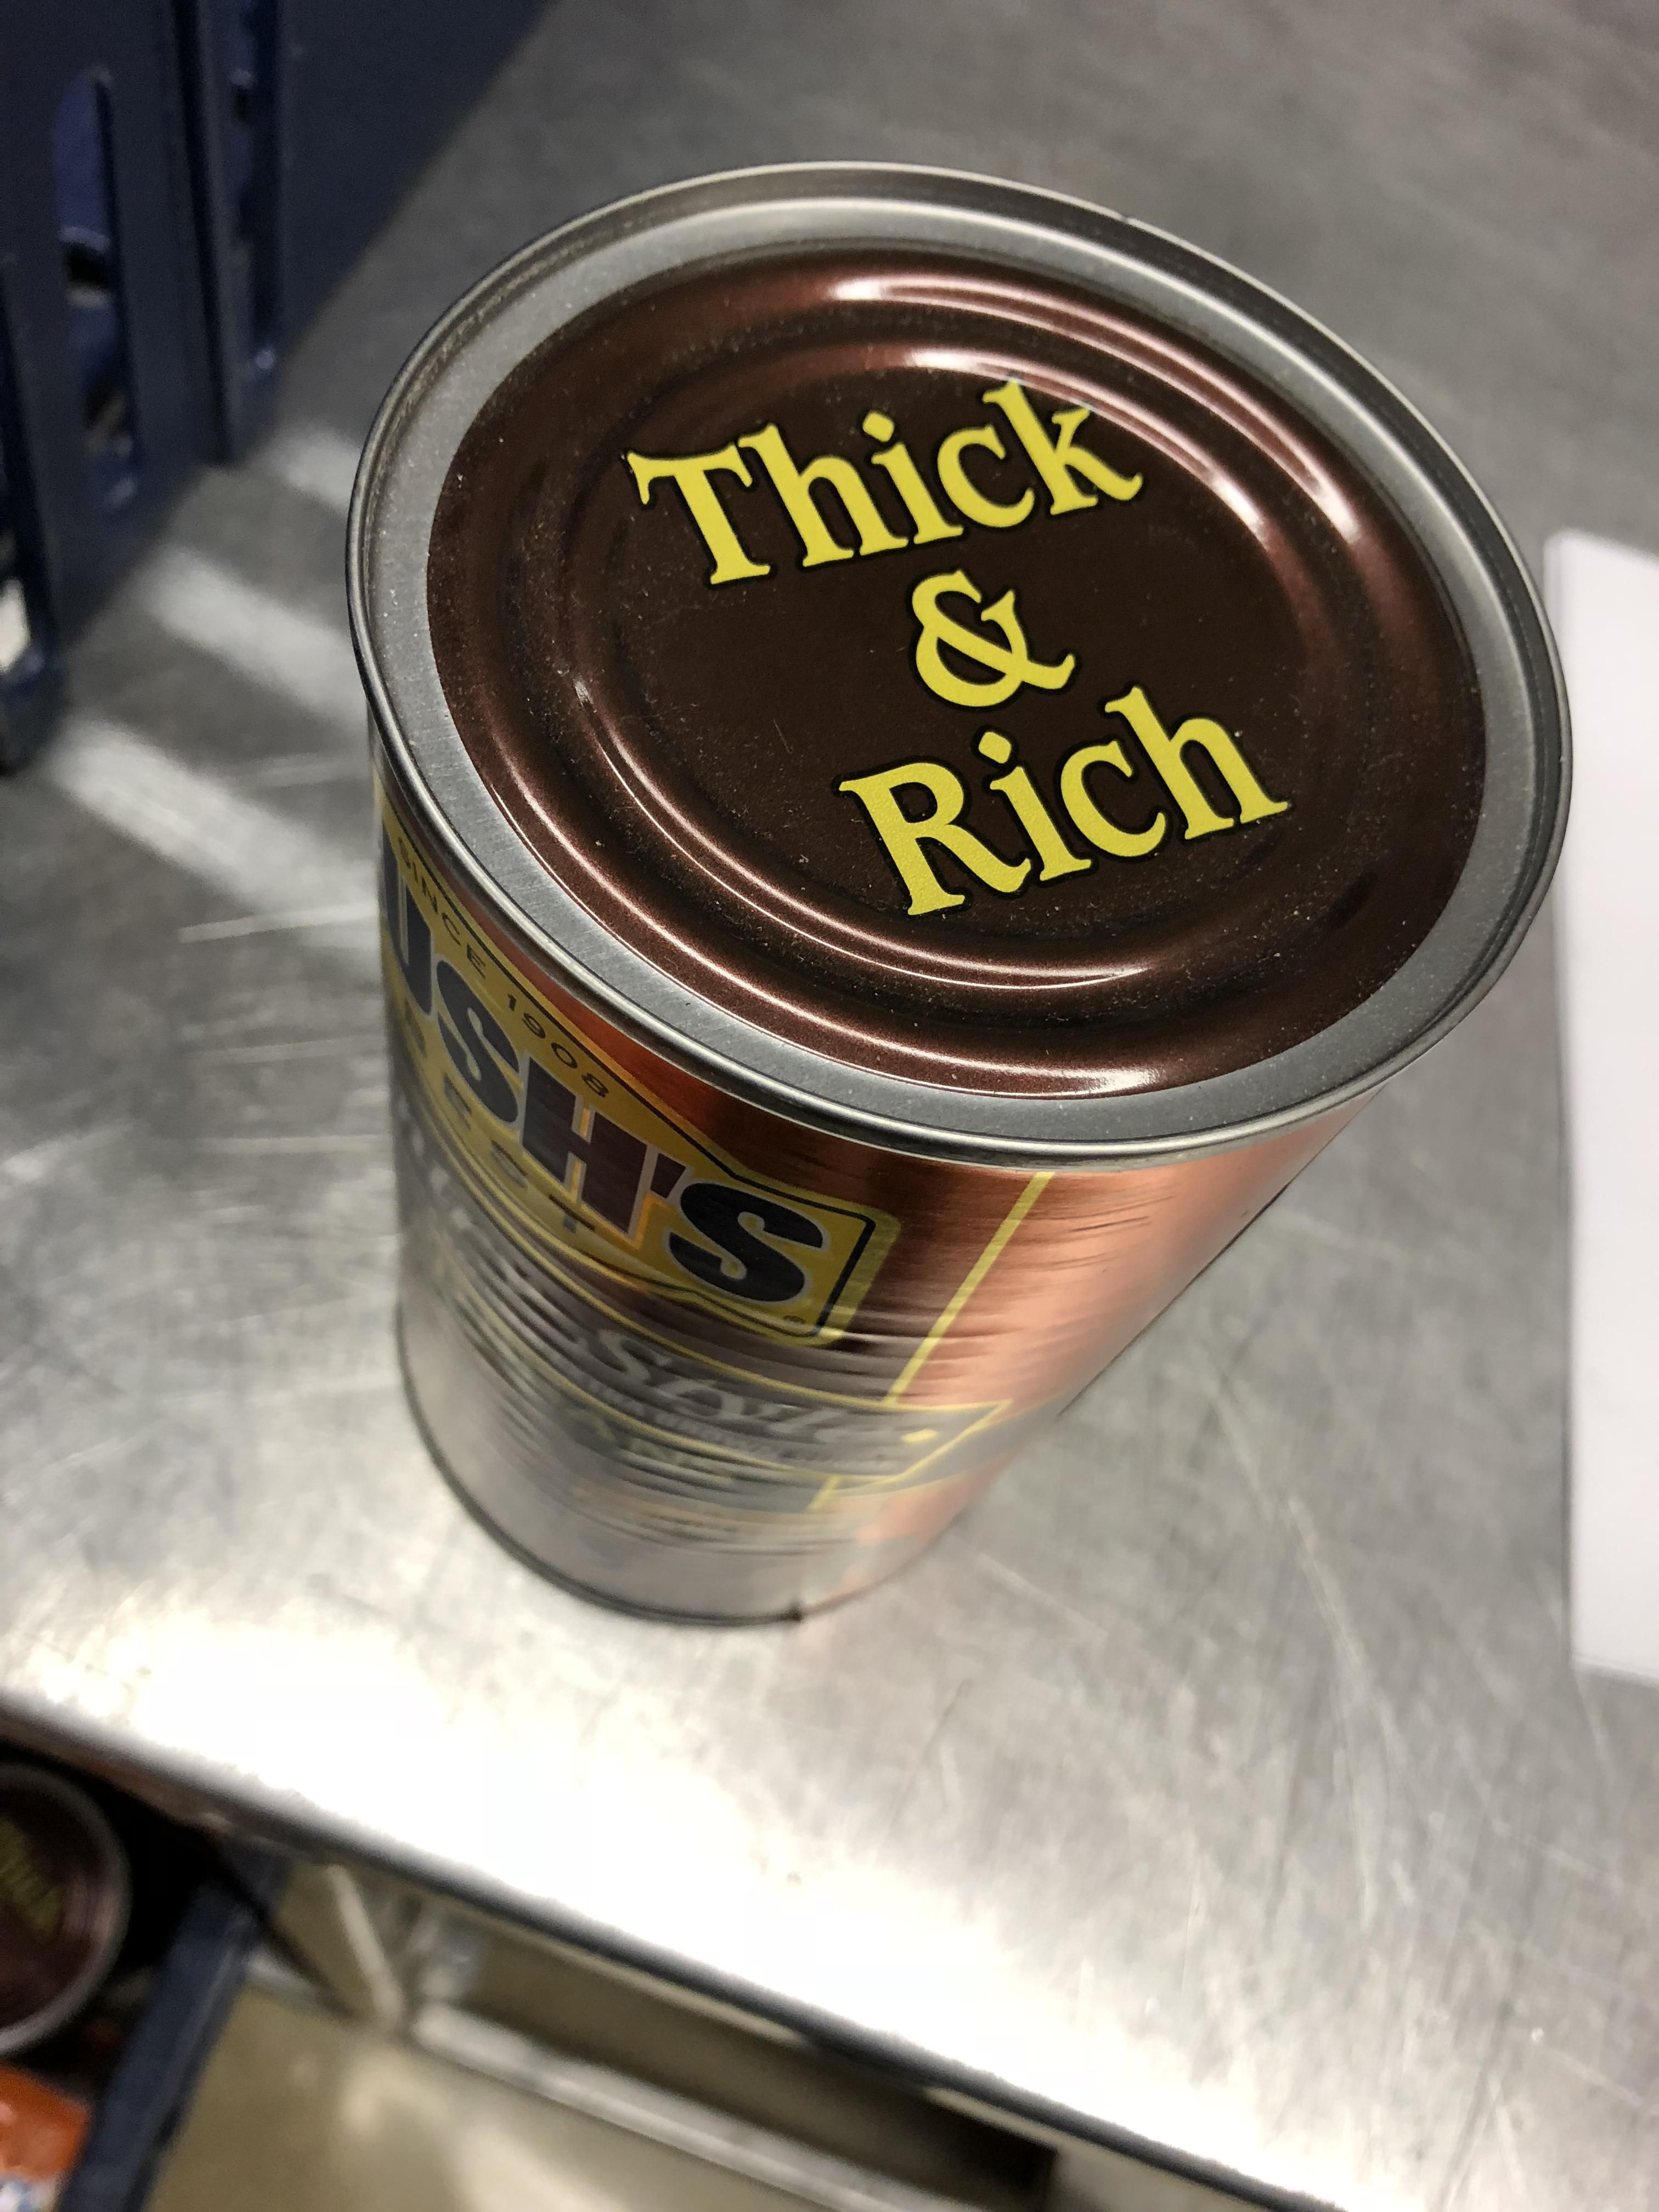 I like my women like my baked beans...